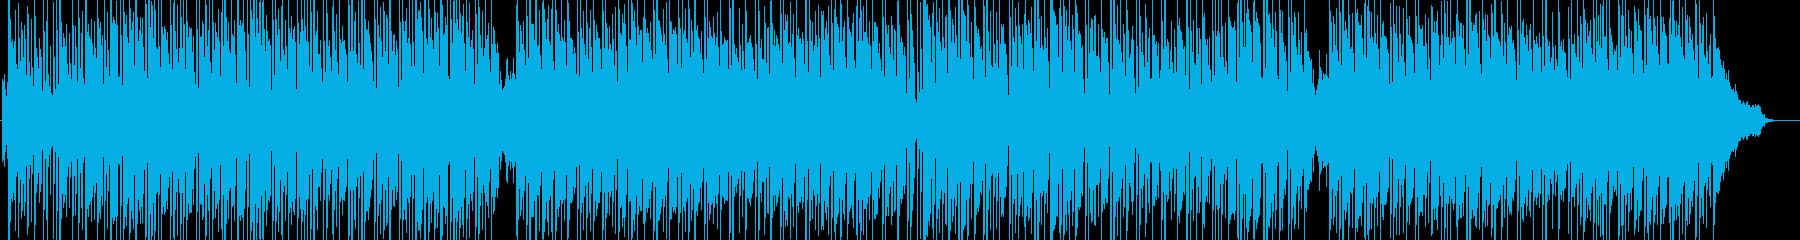 聴き馴染んだロシア民謡をルンバにの再生済みの波形